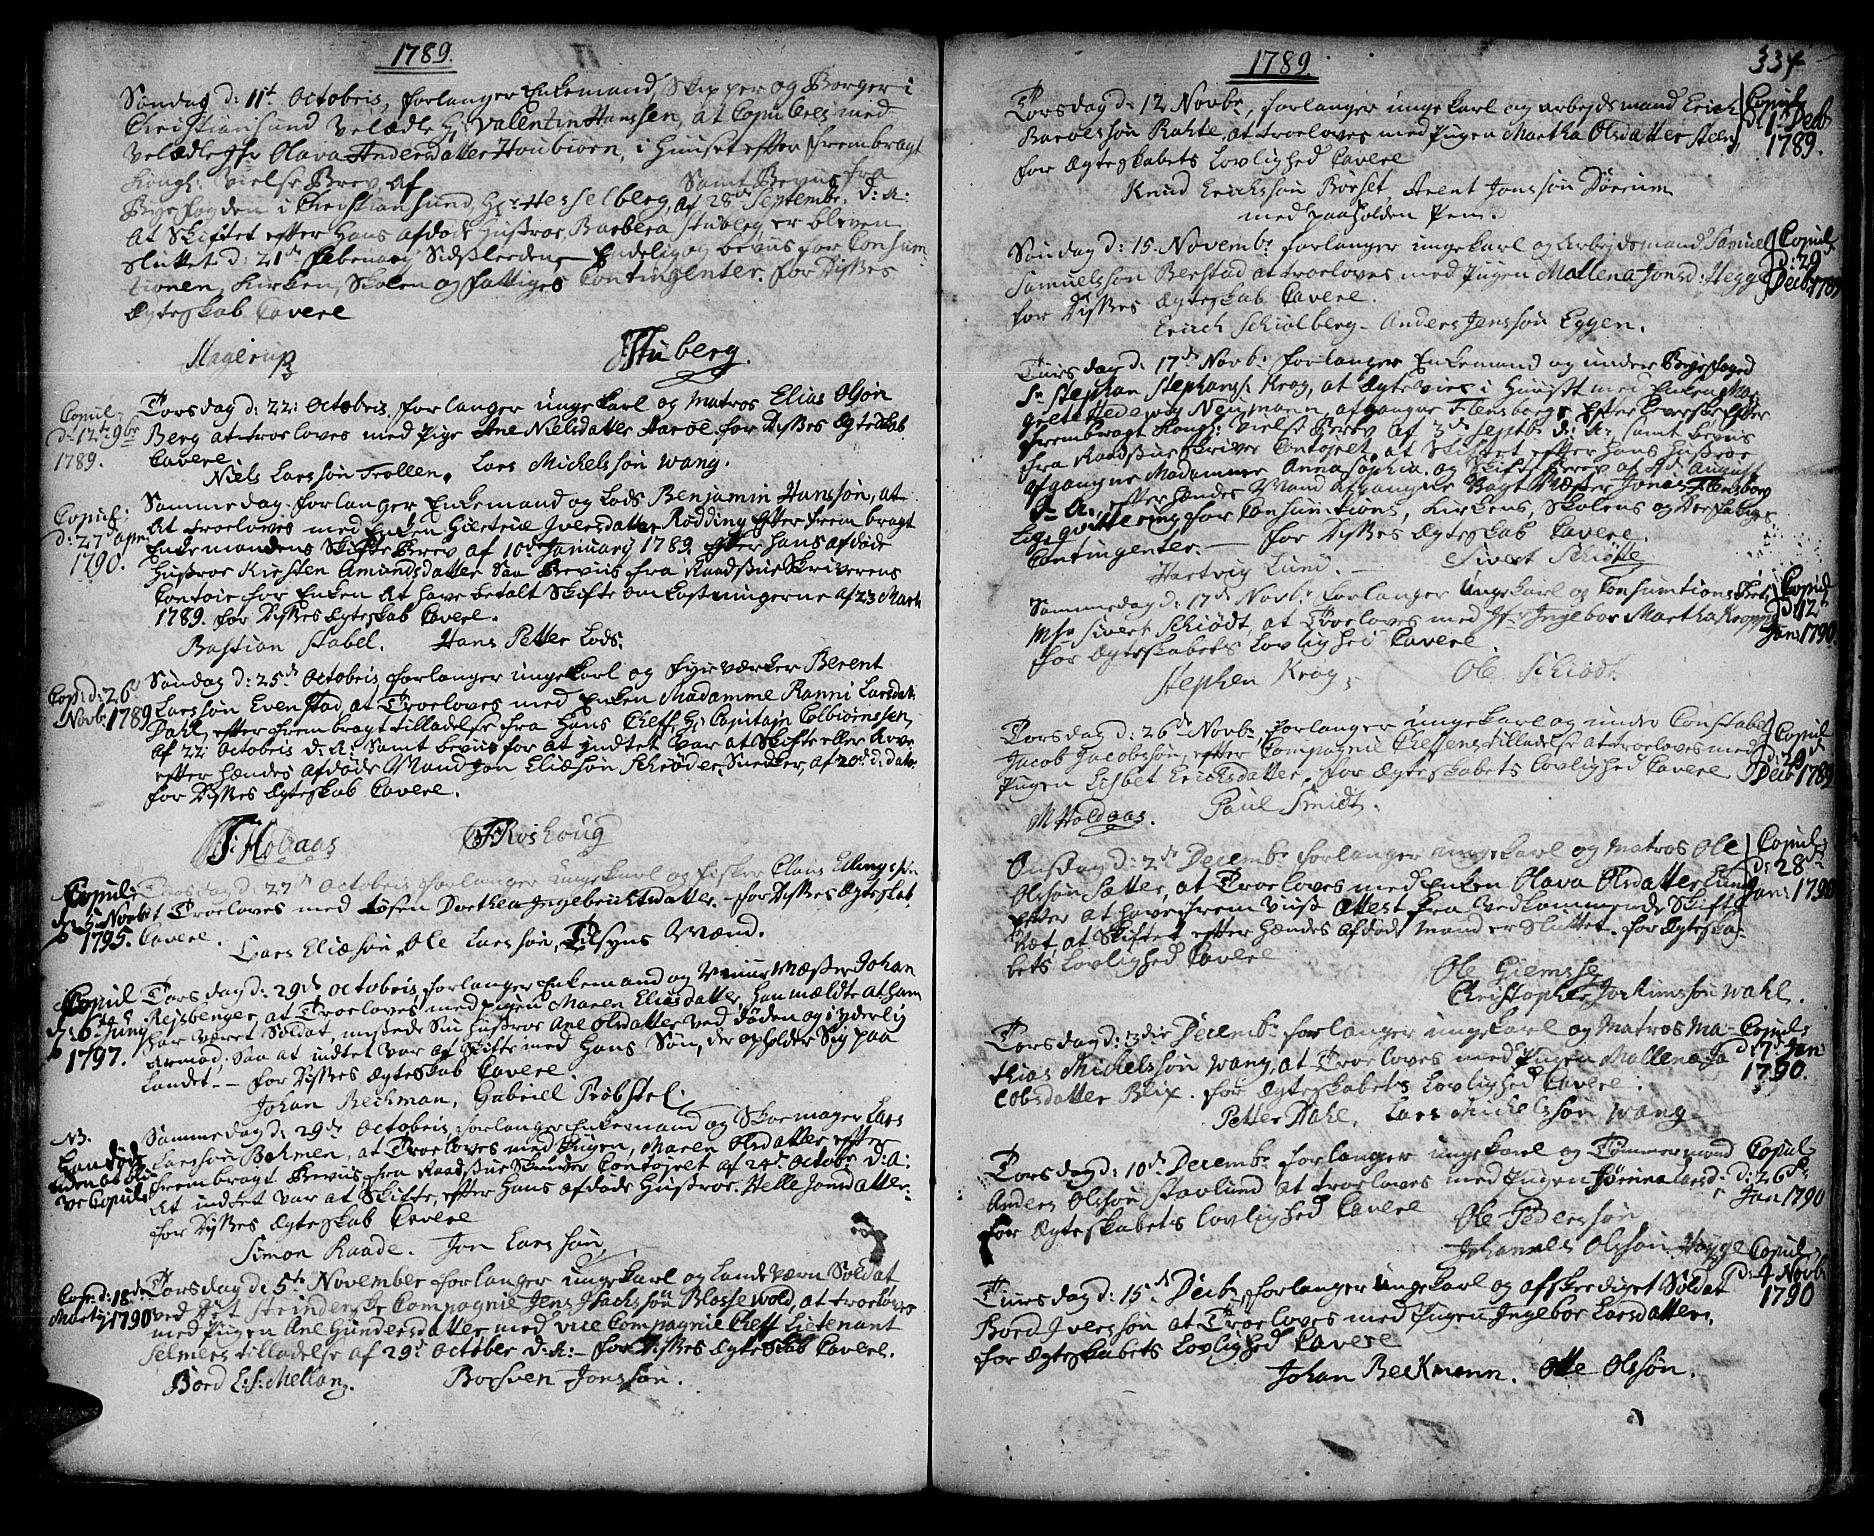 SAT, Ministerialprotokoller, klokkerbøker og fødselsregistre - Sør-Trøndelag, 601/L0038: Ministerialbok nr. 601A06, 1766-1877, s. 334